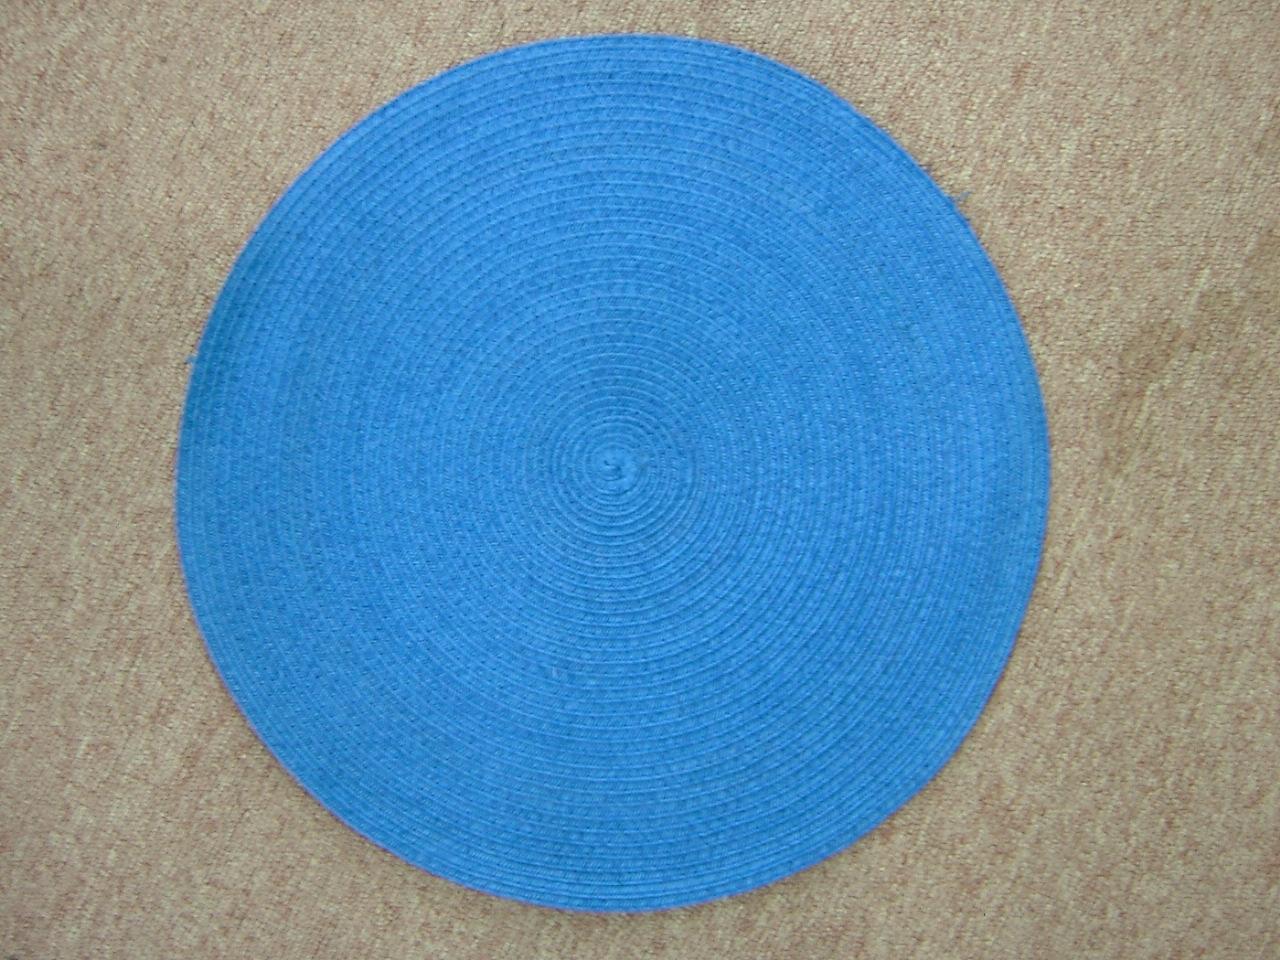 蓝色编织藤编圆形餐具垫